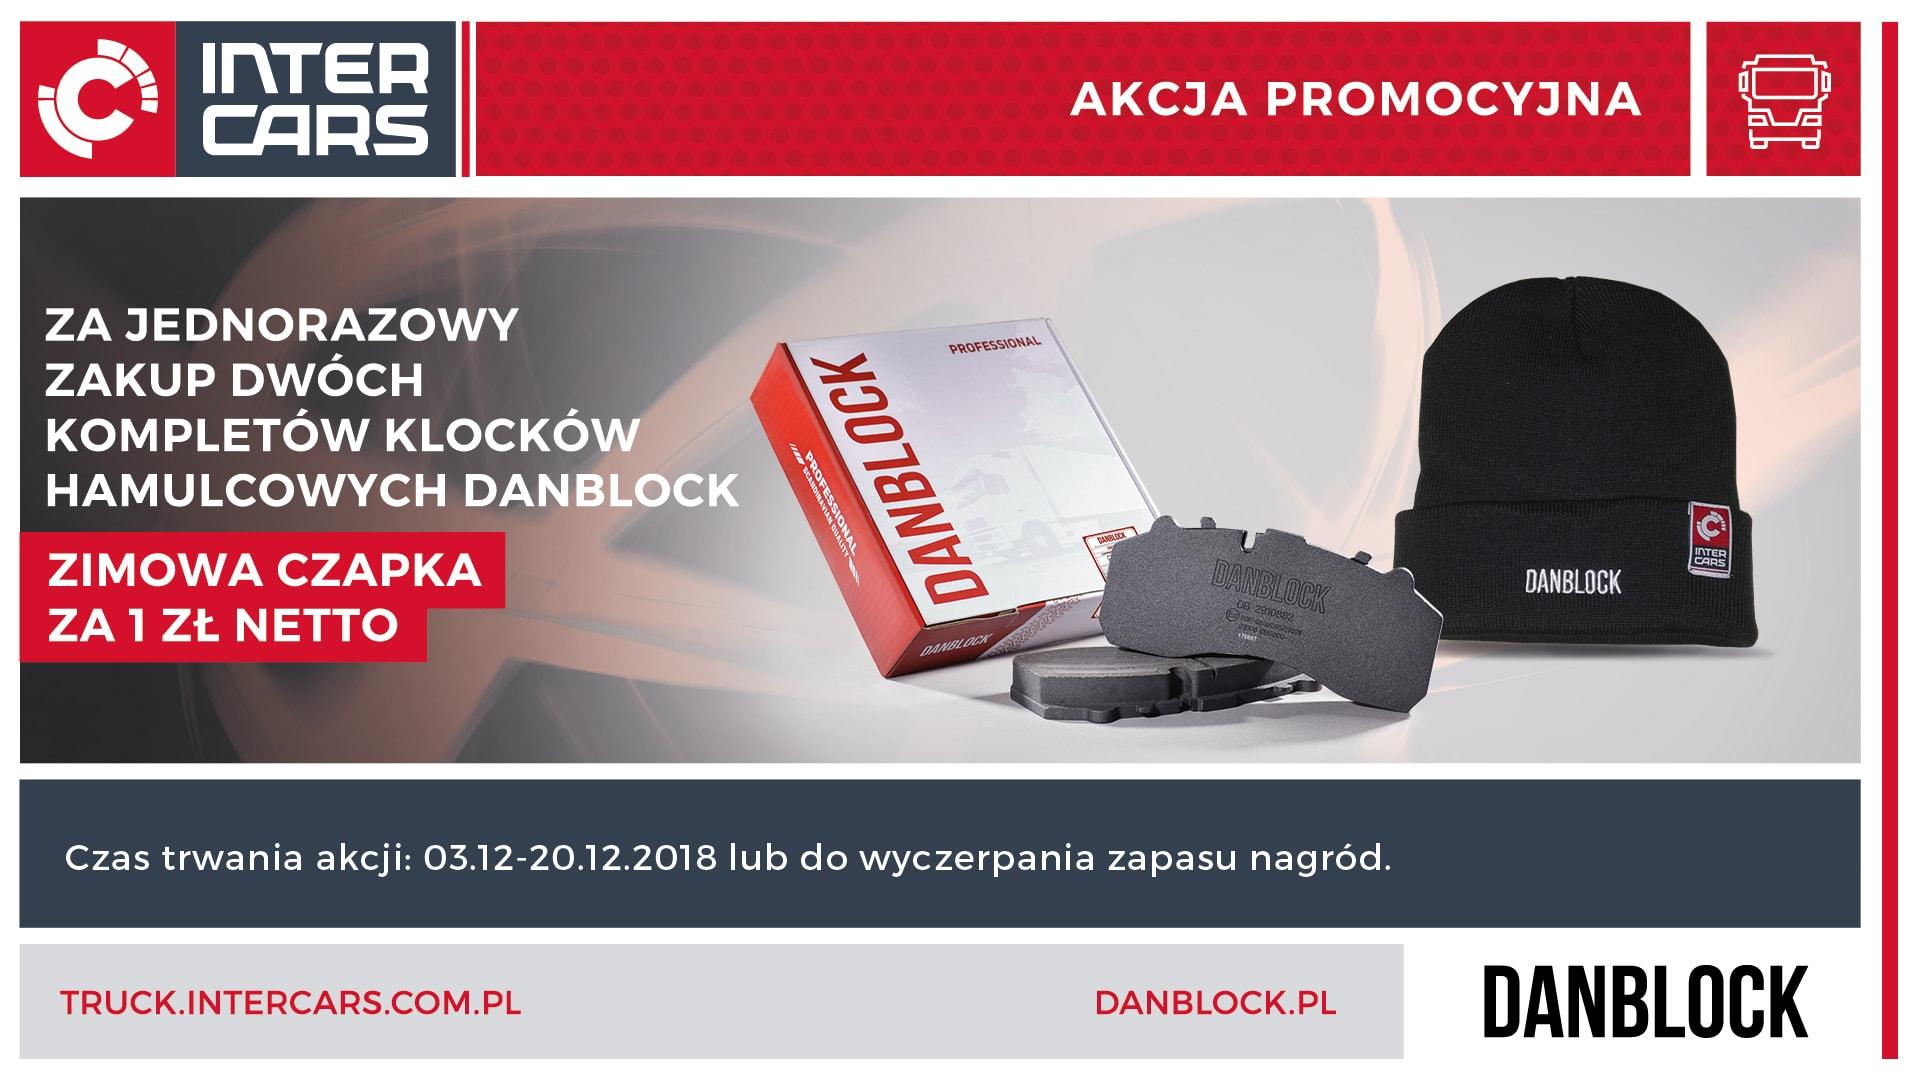 danblock_zimowa_czapka_za_1zl_rynek_ciezarowy_listopad_2018_1920x1080_plazma.jpg